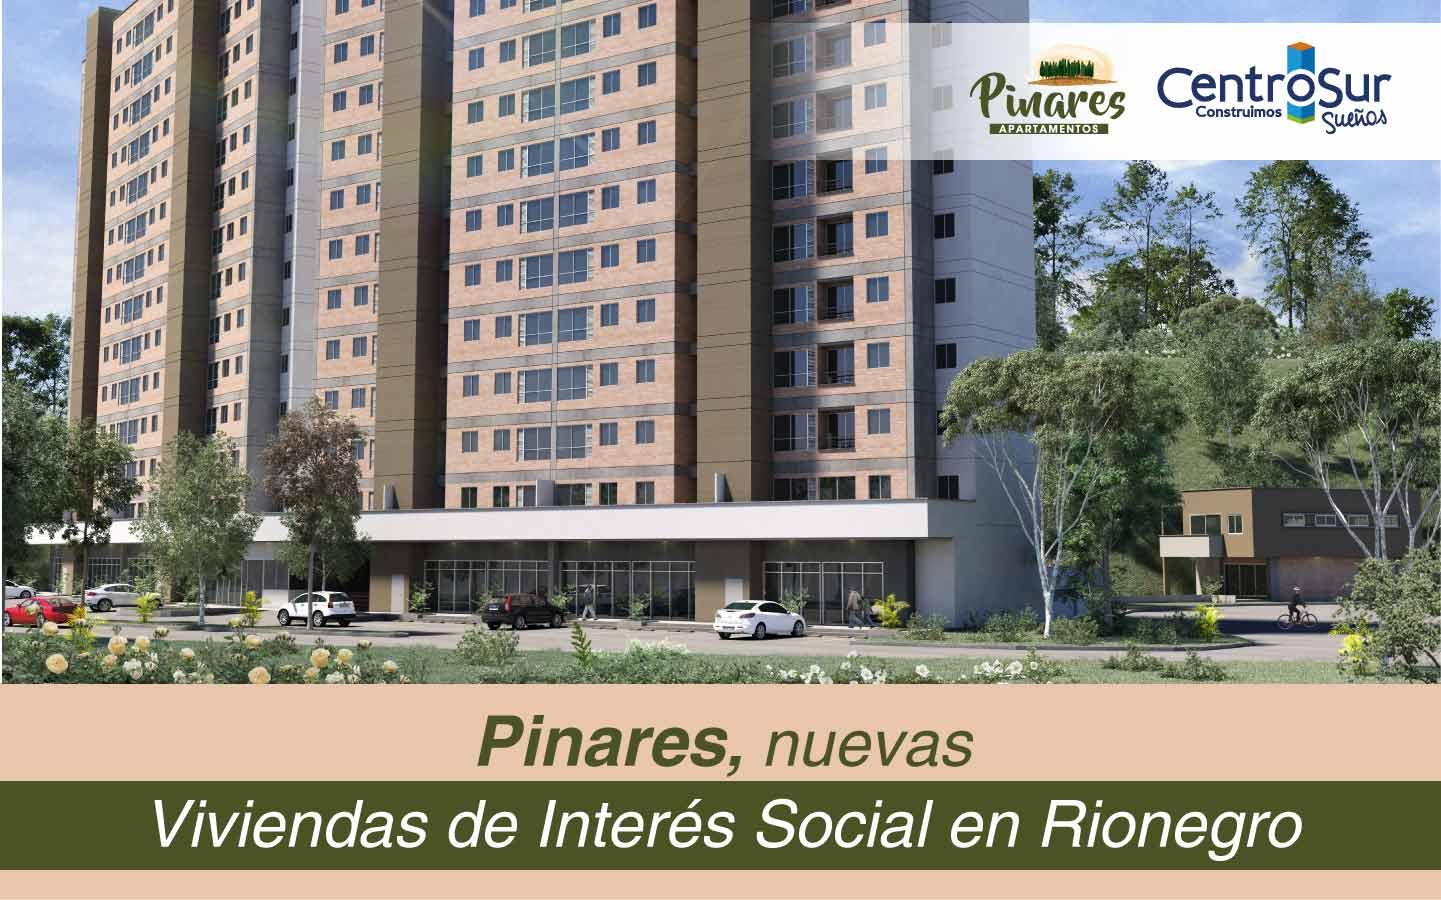 Pinares, nuevas Viviendas de Interés Social en Rionegro